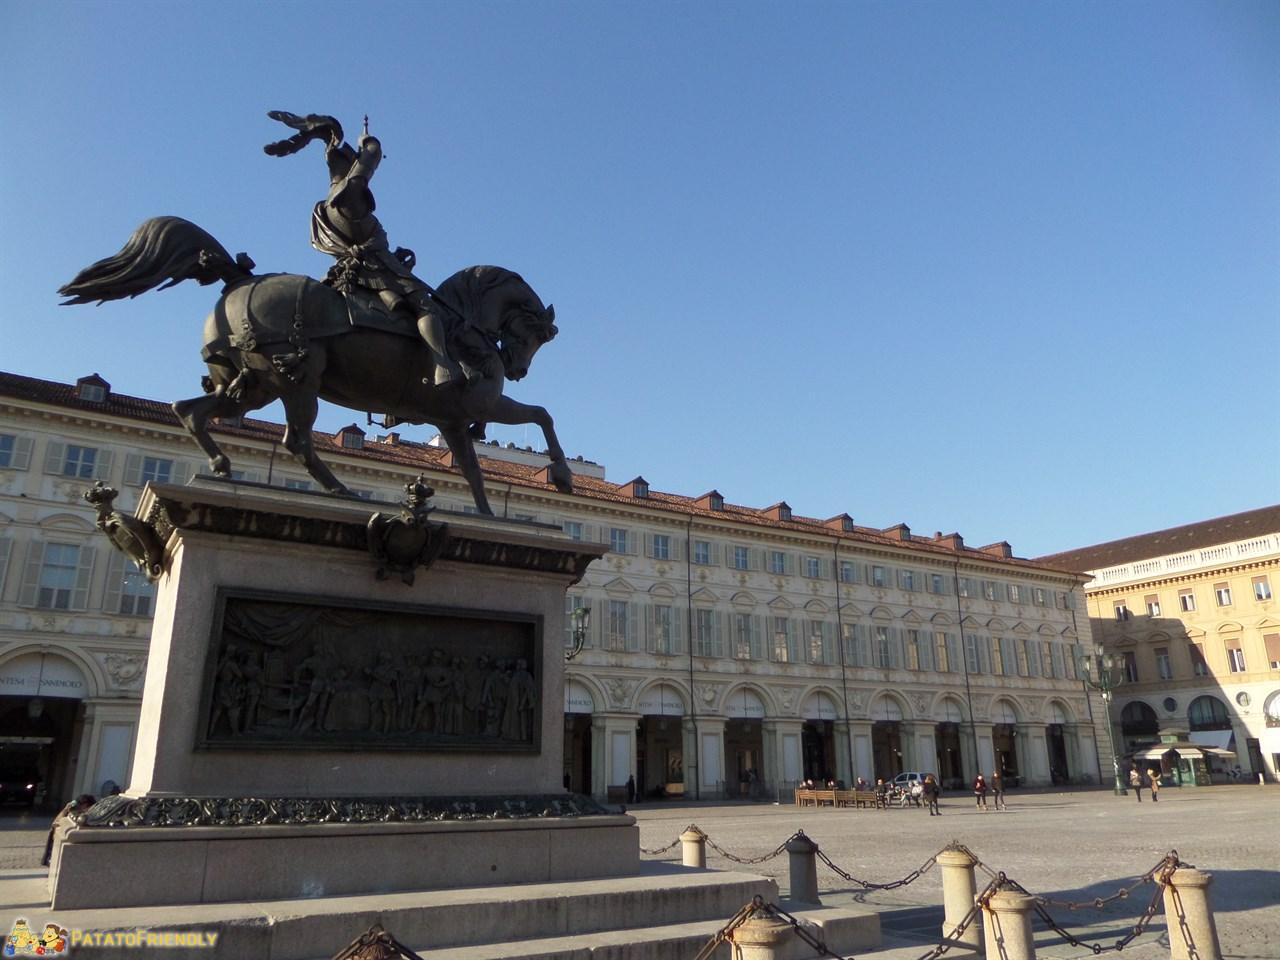 [cml_media_alt id='9643']A Torino con i bambini - Piazza Carlo Alberto[/cml_media_alt]